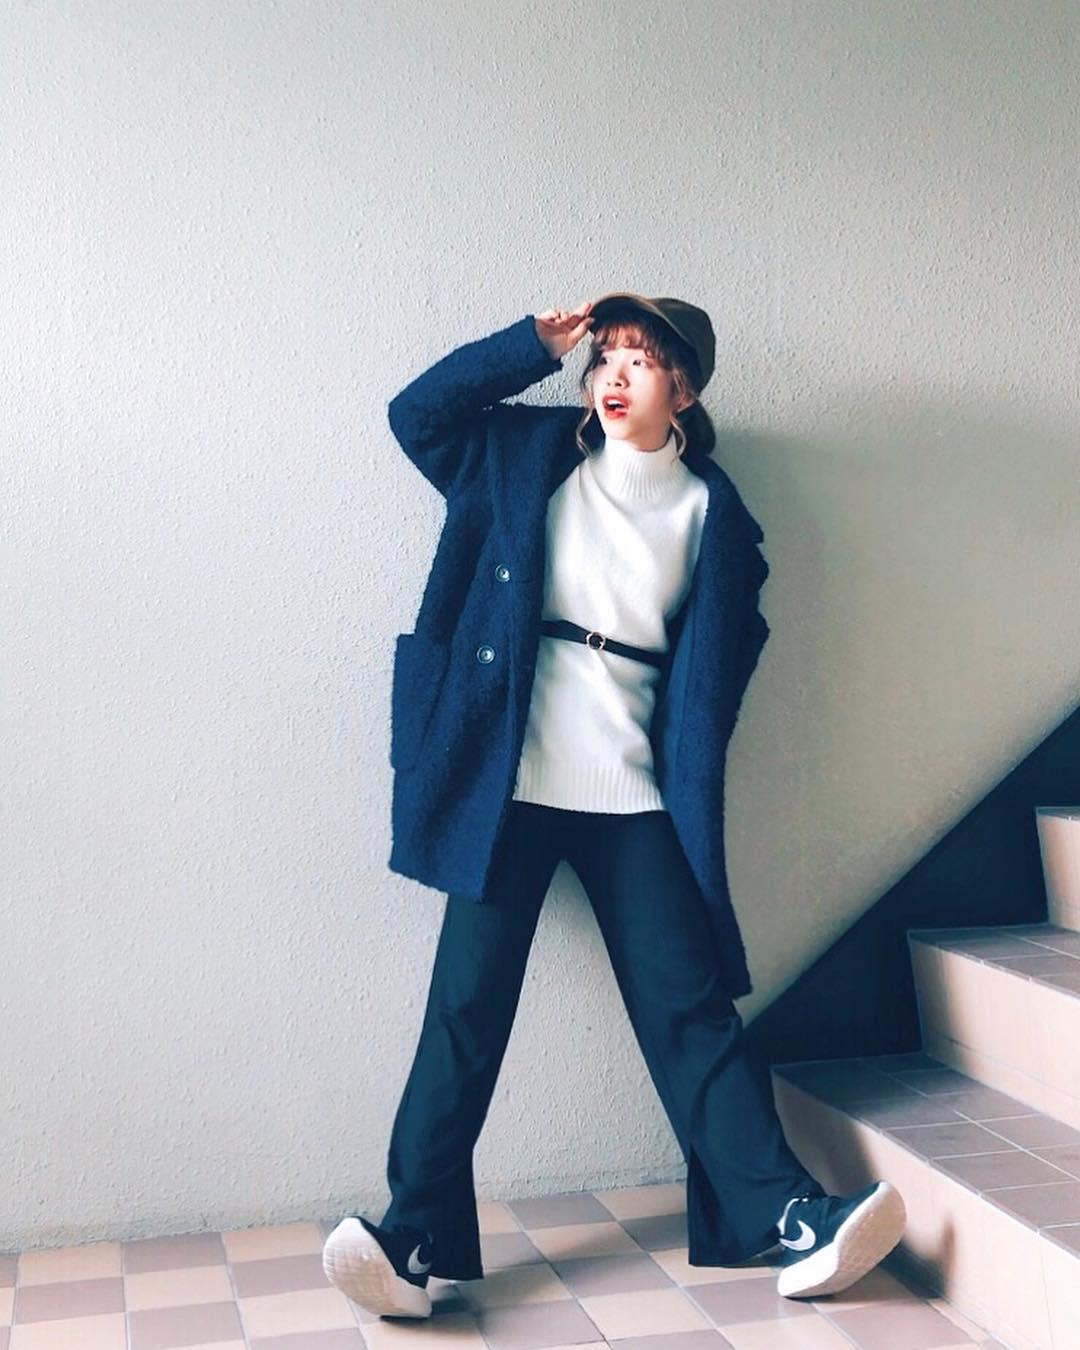 最高気温15度・最低気温5度 natsu_outfitsの服装